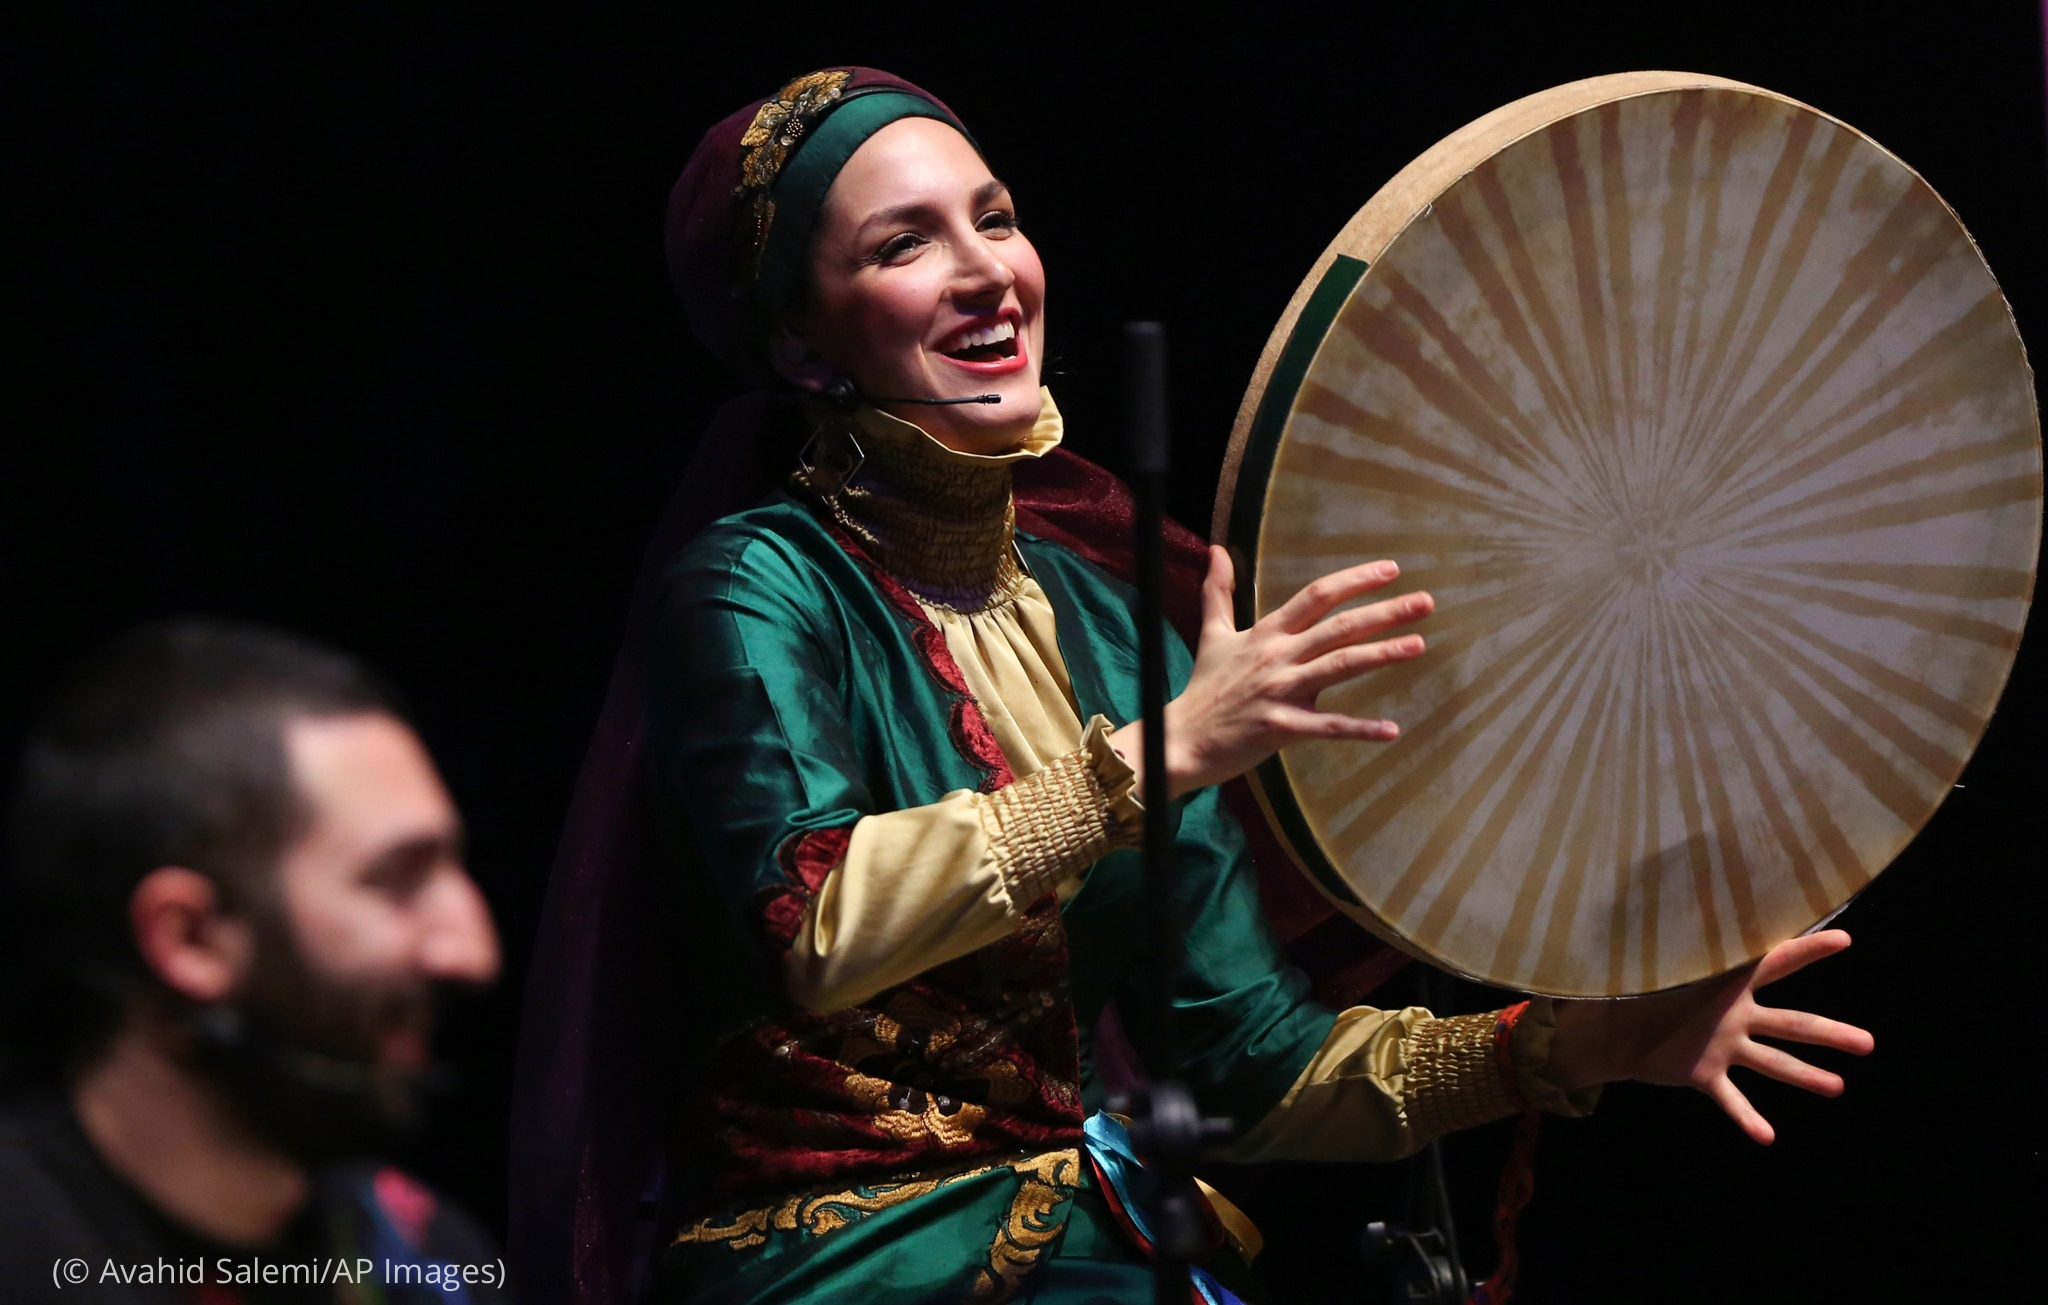 رنگ برنگا لباس پہنے اور سر پر دوپٹہ لپیٹے ایک عورت دف بجا رہی ہے اور اُس کے ساتھ ایک آدمی بیٹھا ہوا ہے (© Avahid Salemi/AP Images)